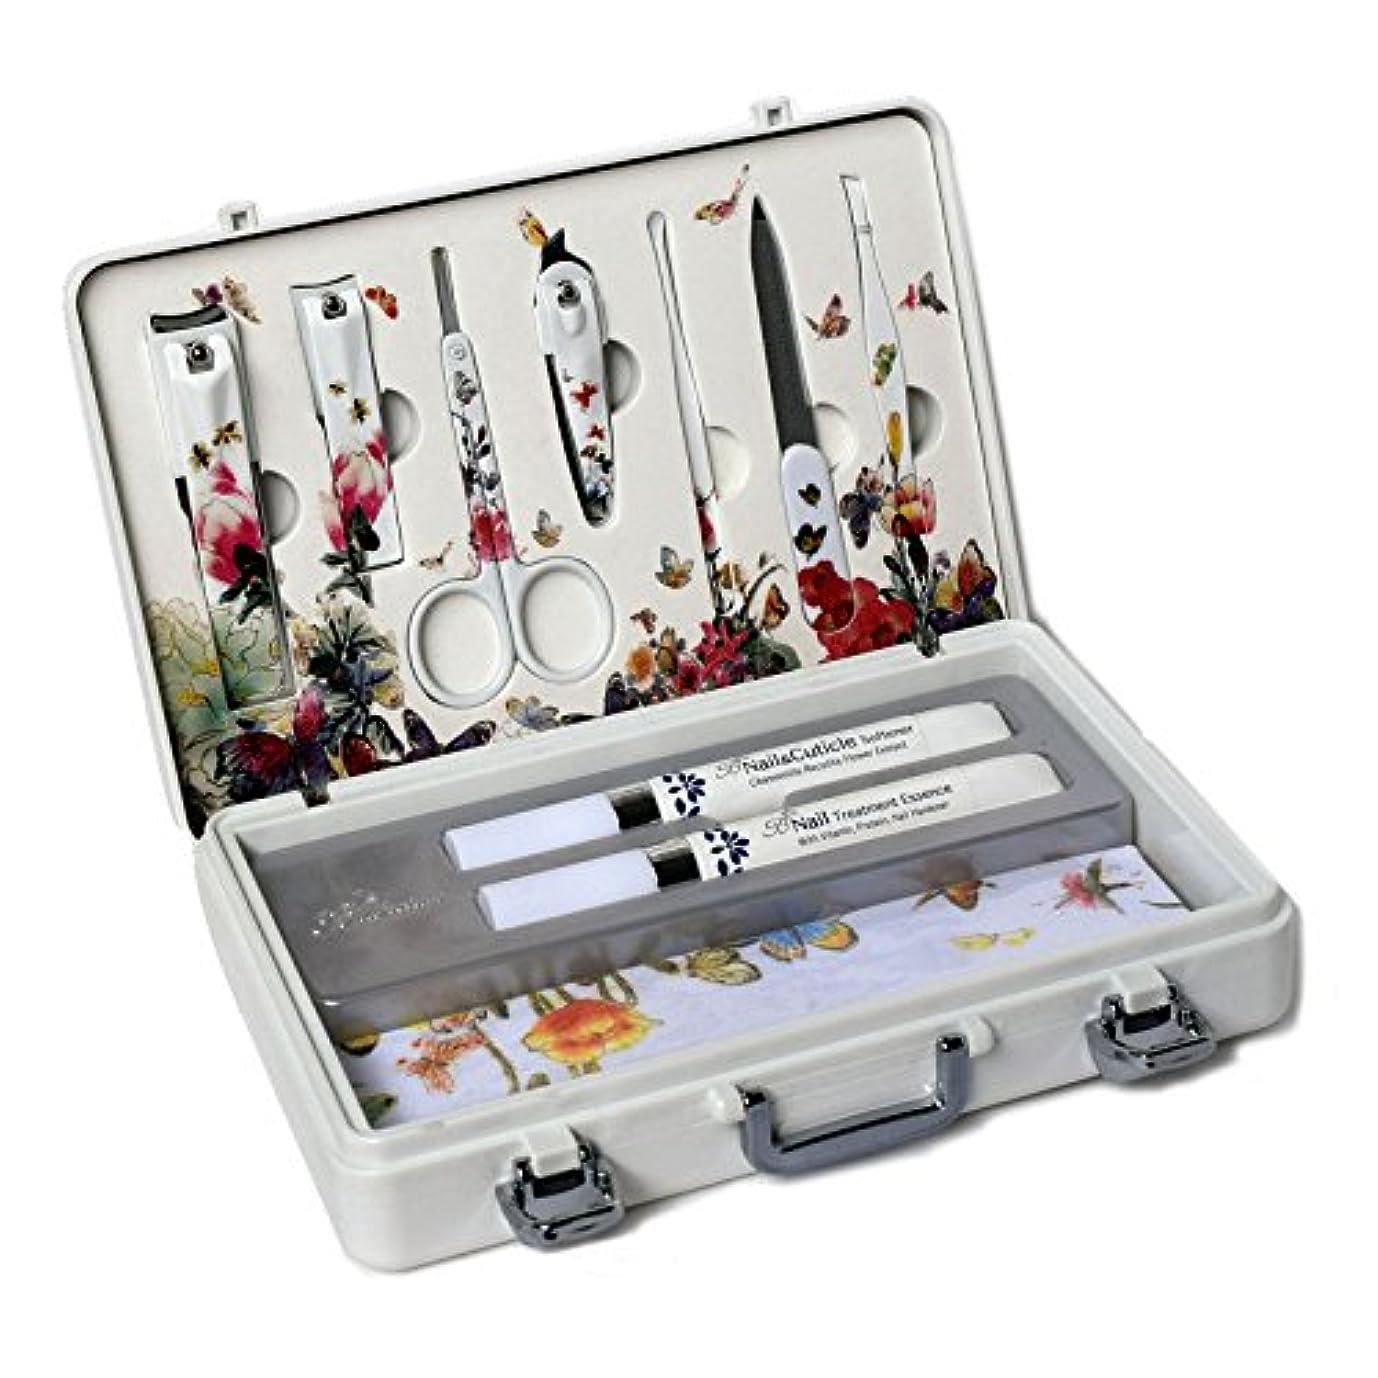 高い言及するメニューMETAL BELL Manicure Sets BN-2000 爪の管理セット爪切りセット 高品質のネイルケアセット高級感のある東洋画のデザイン Nail Clippers Nail Care Set